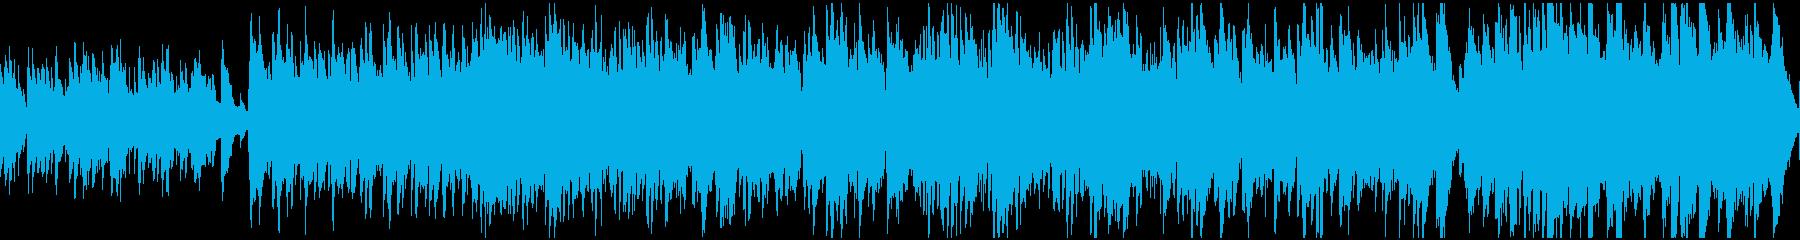 おだやかなケルト曲(ループ)の再生済みの波形